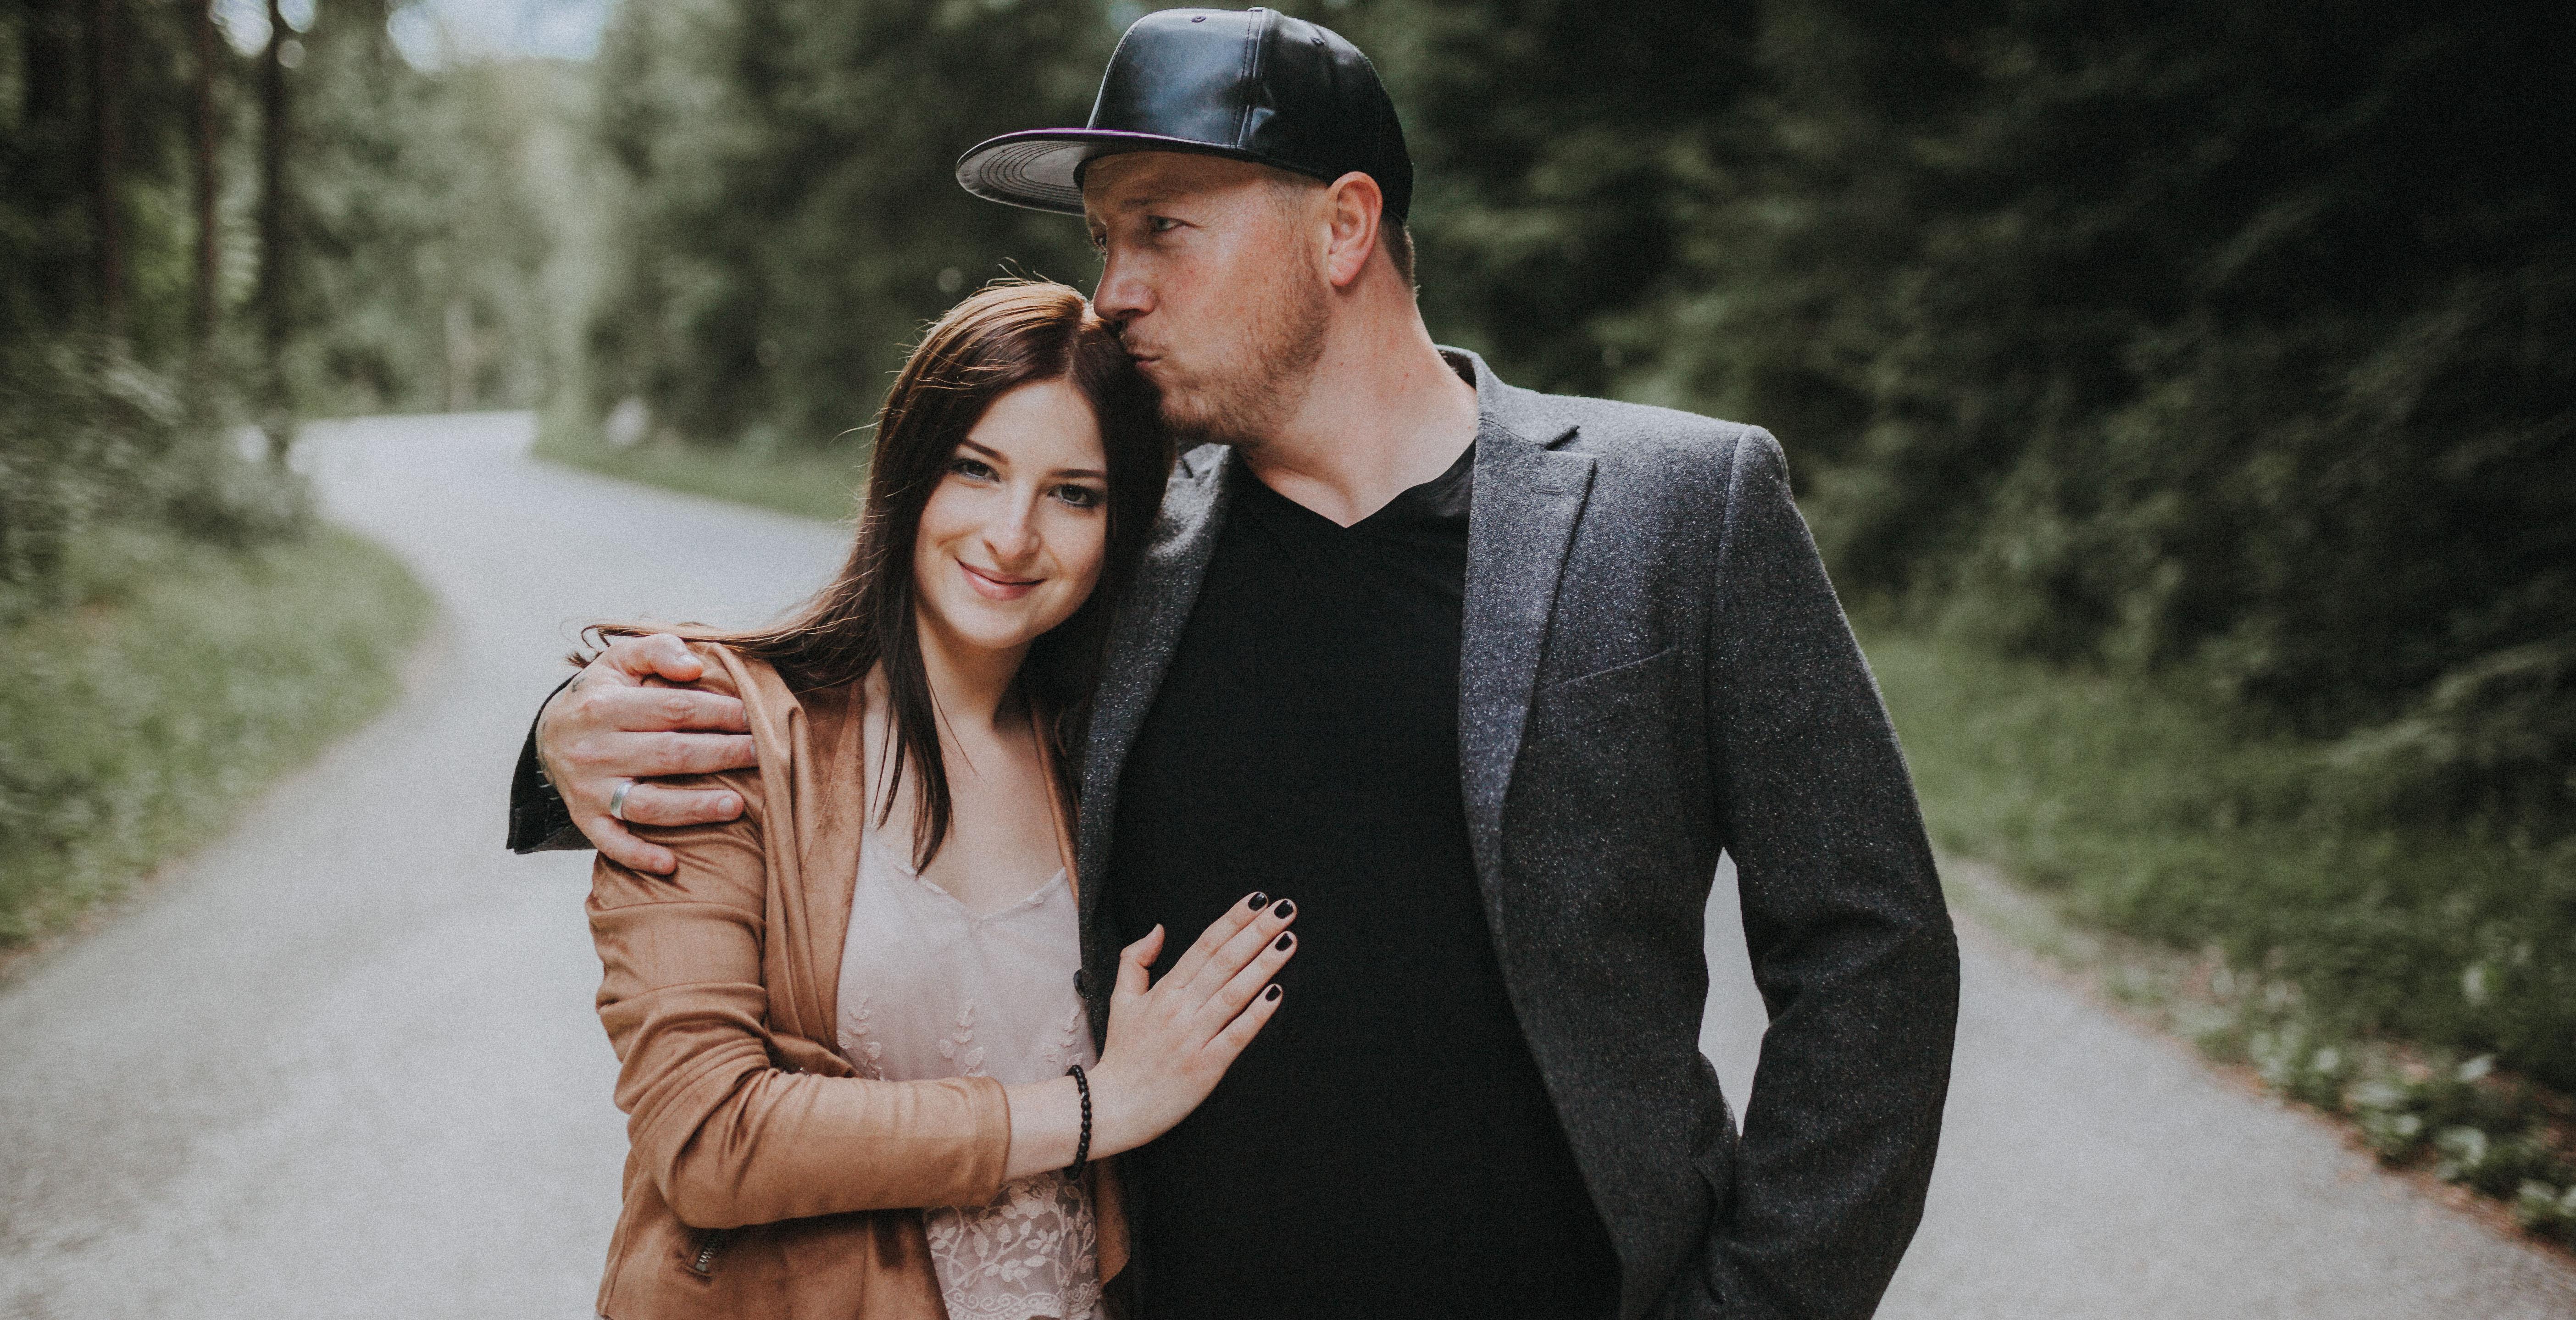 Wiesing sie sucht ihn markt: Dating app aus litschau